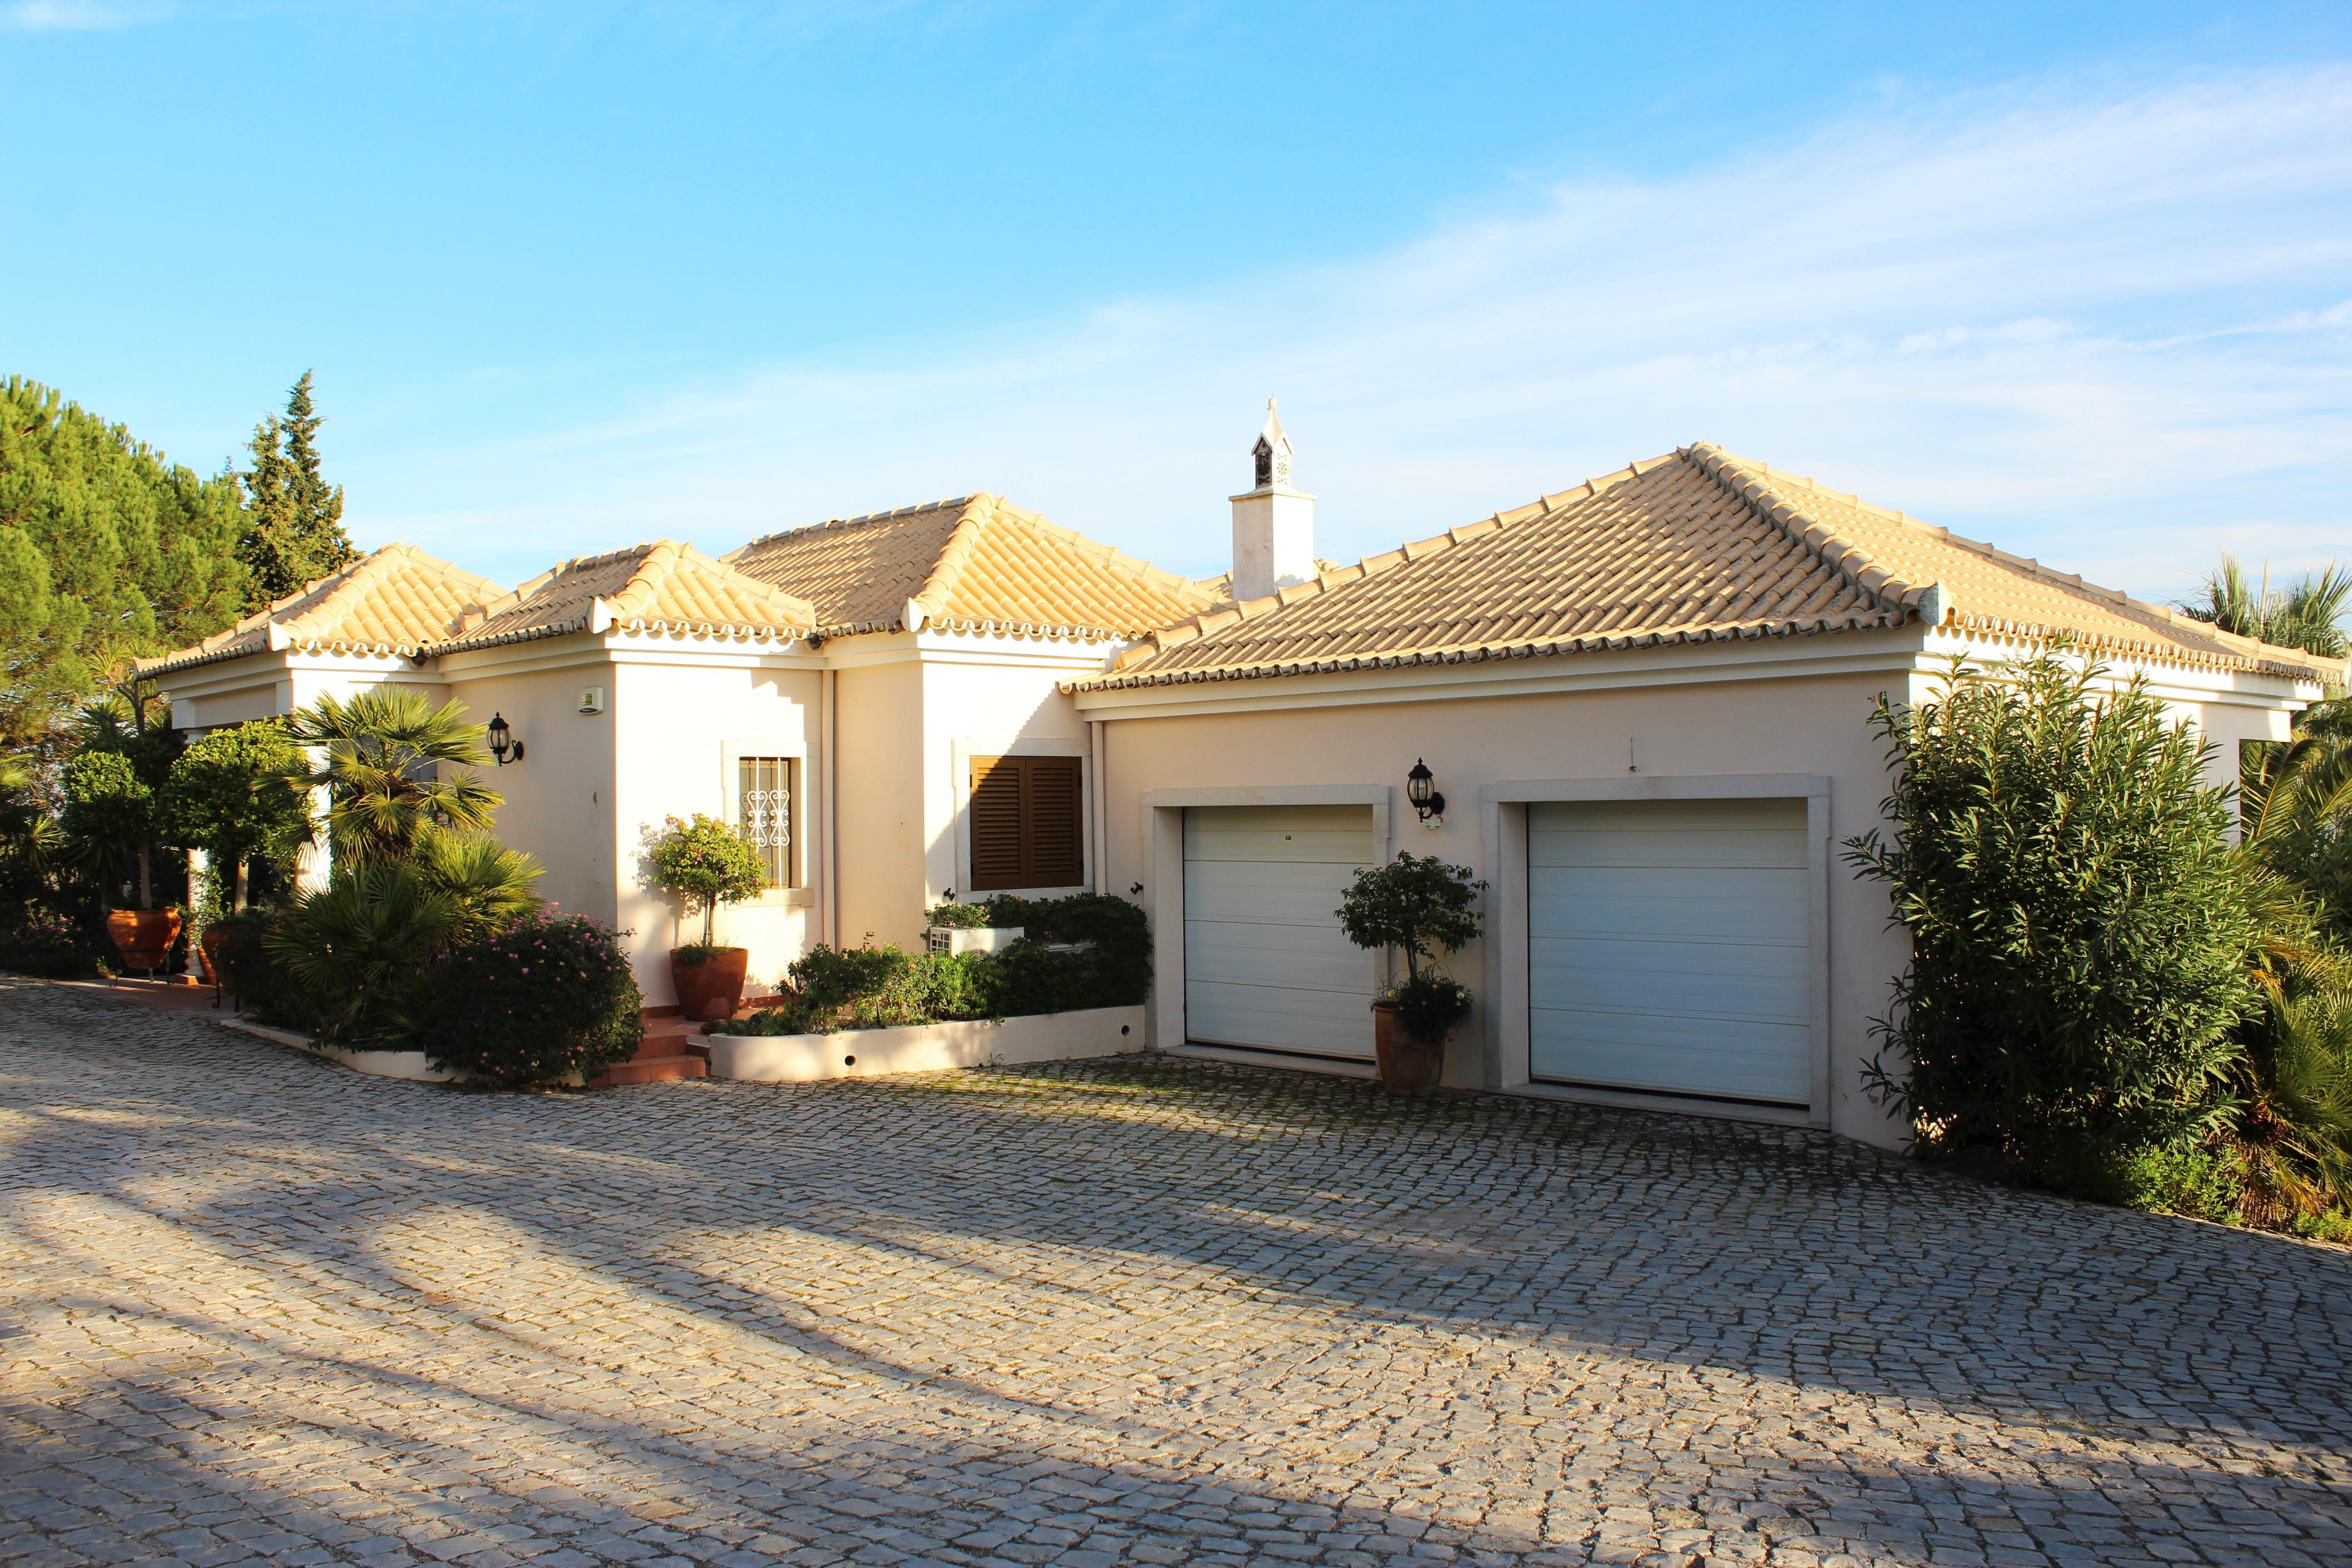 Einfamilienhaus für Verkauf beim Detached house, 4 bedrooms, for Sale Faro, Algarve 8005-415 Portugal